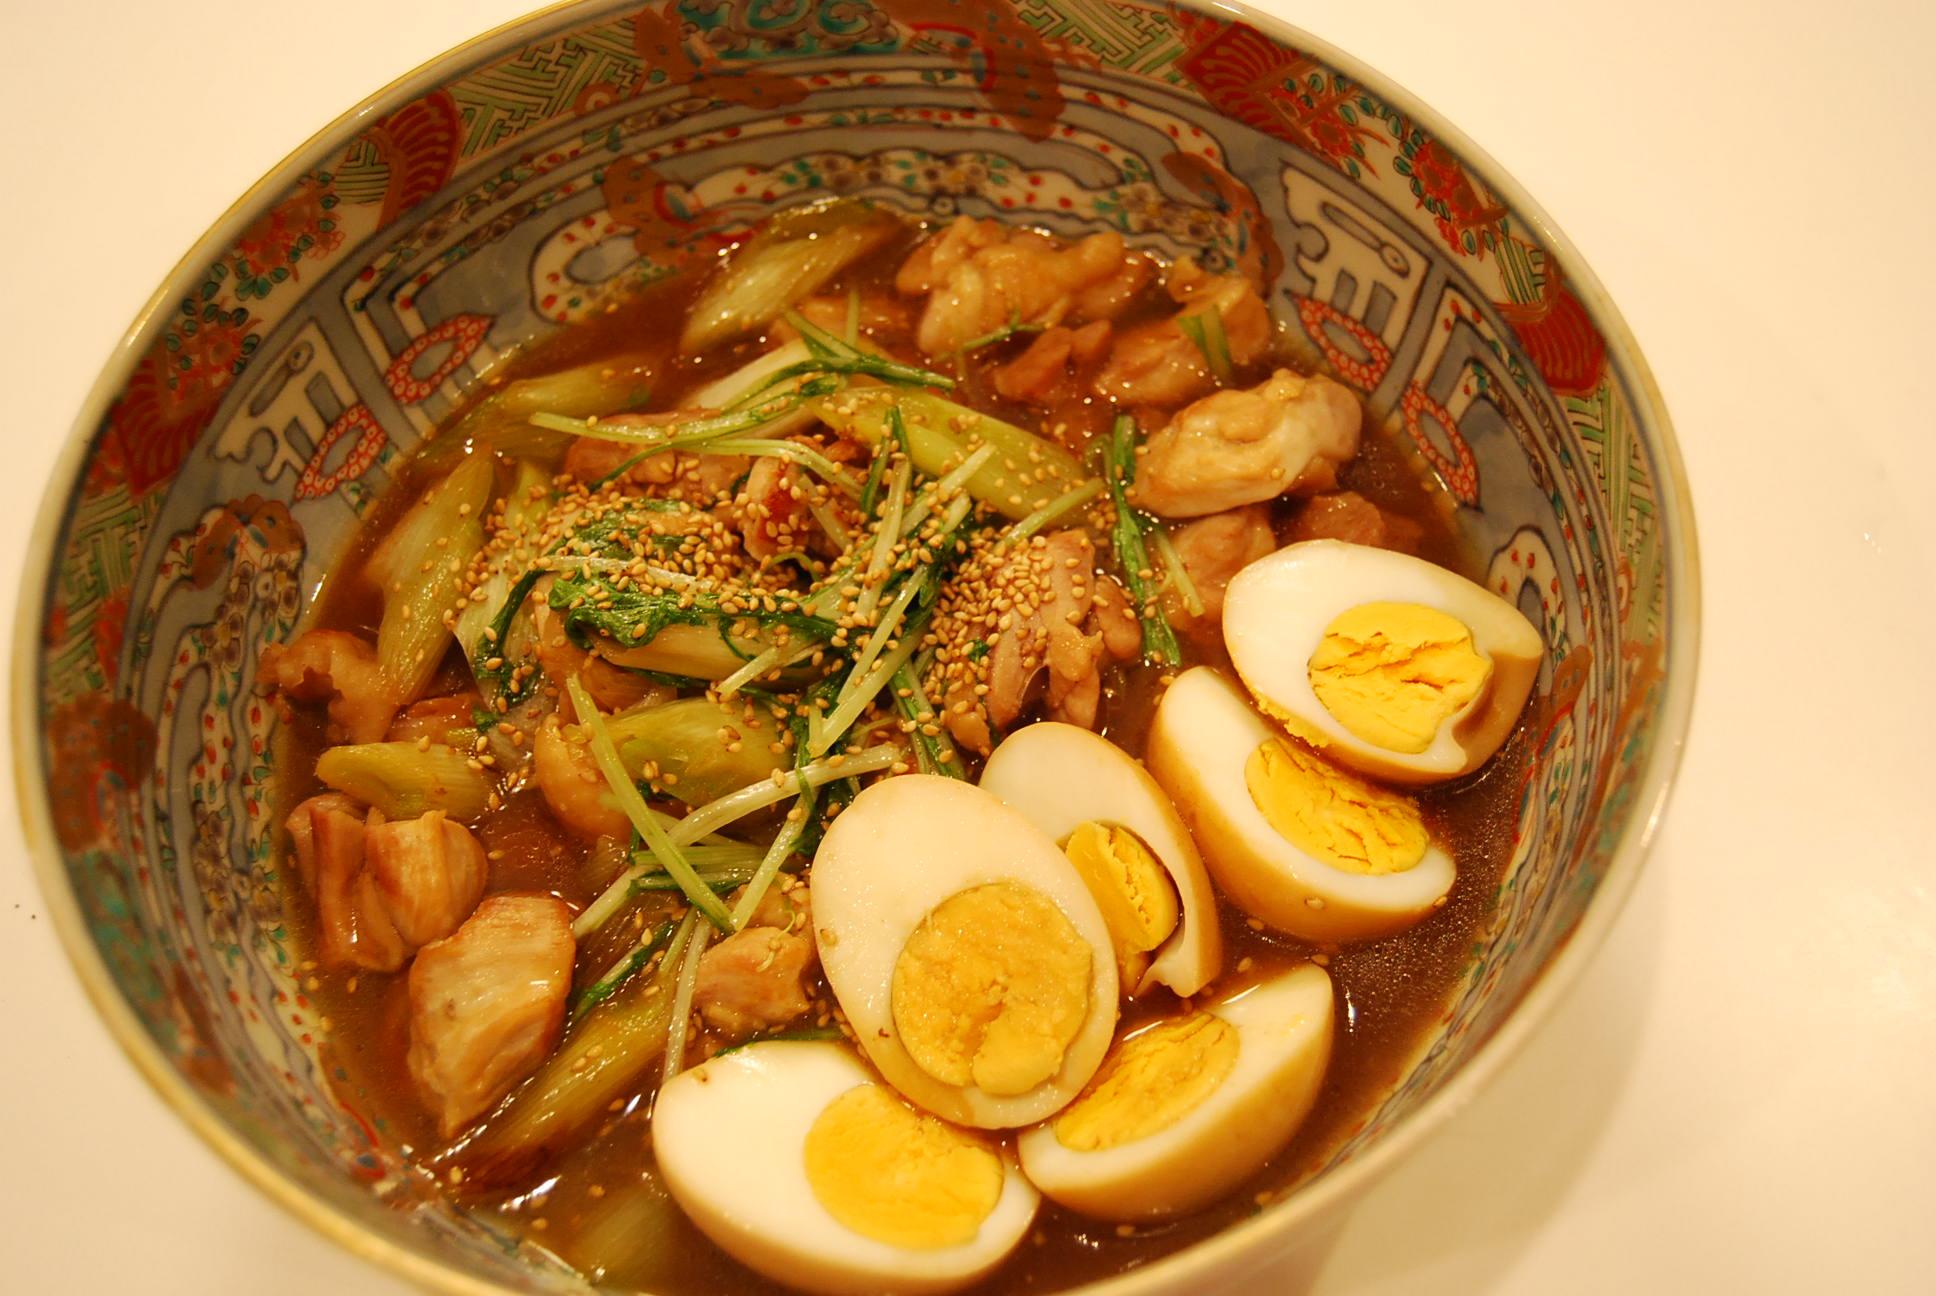 鶏肉と長ネギの炒め煮 味玉添え_e0142956_2128642.jpg